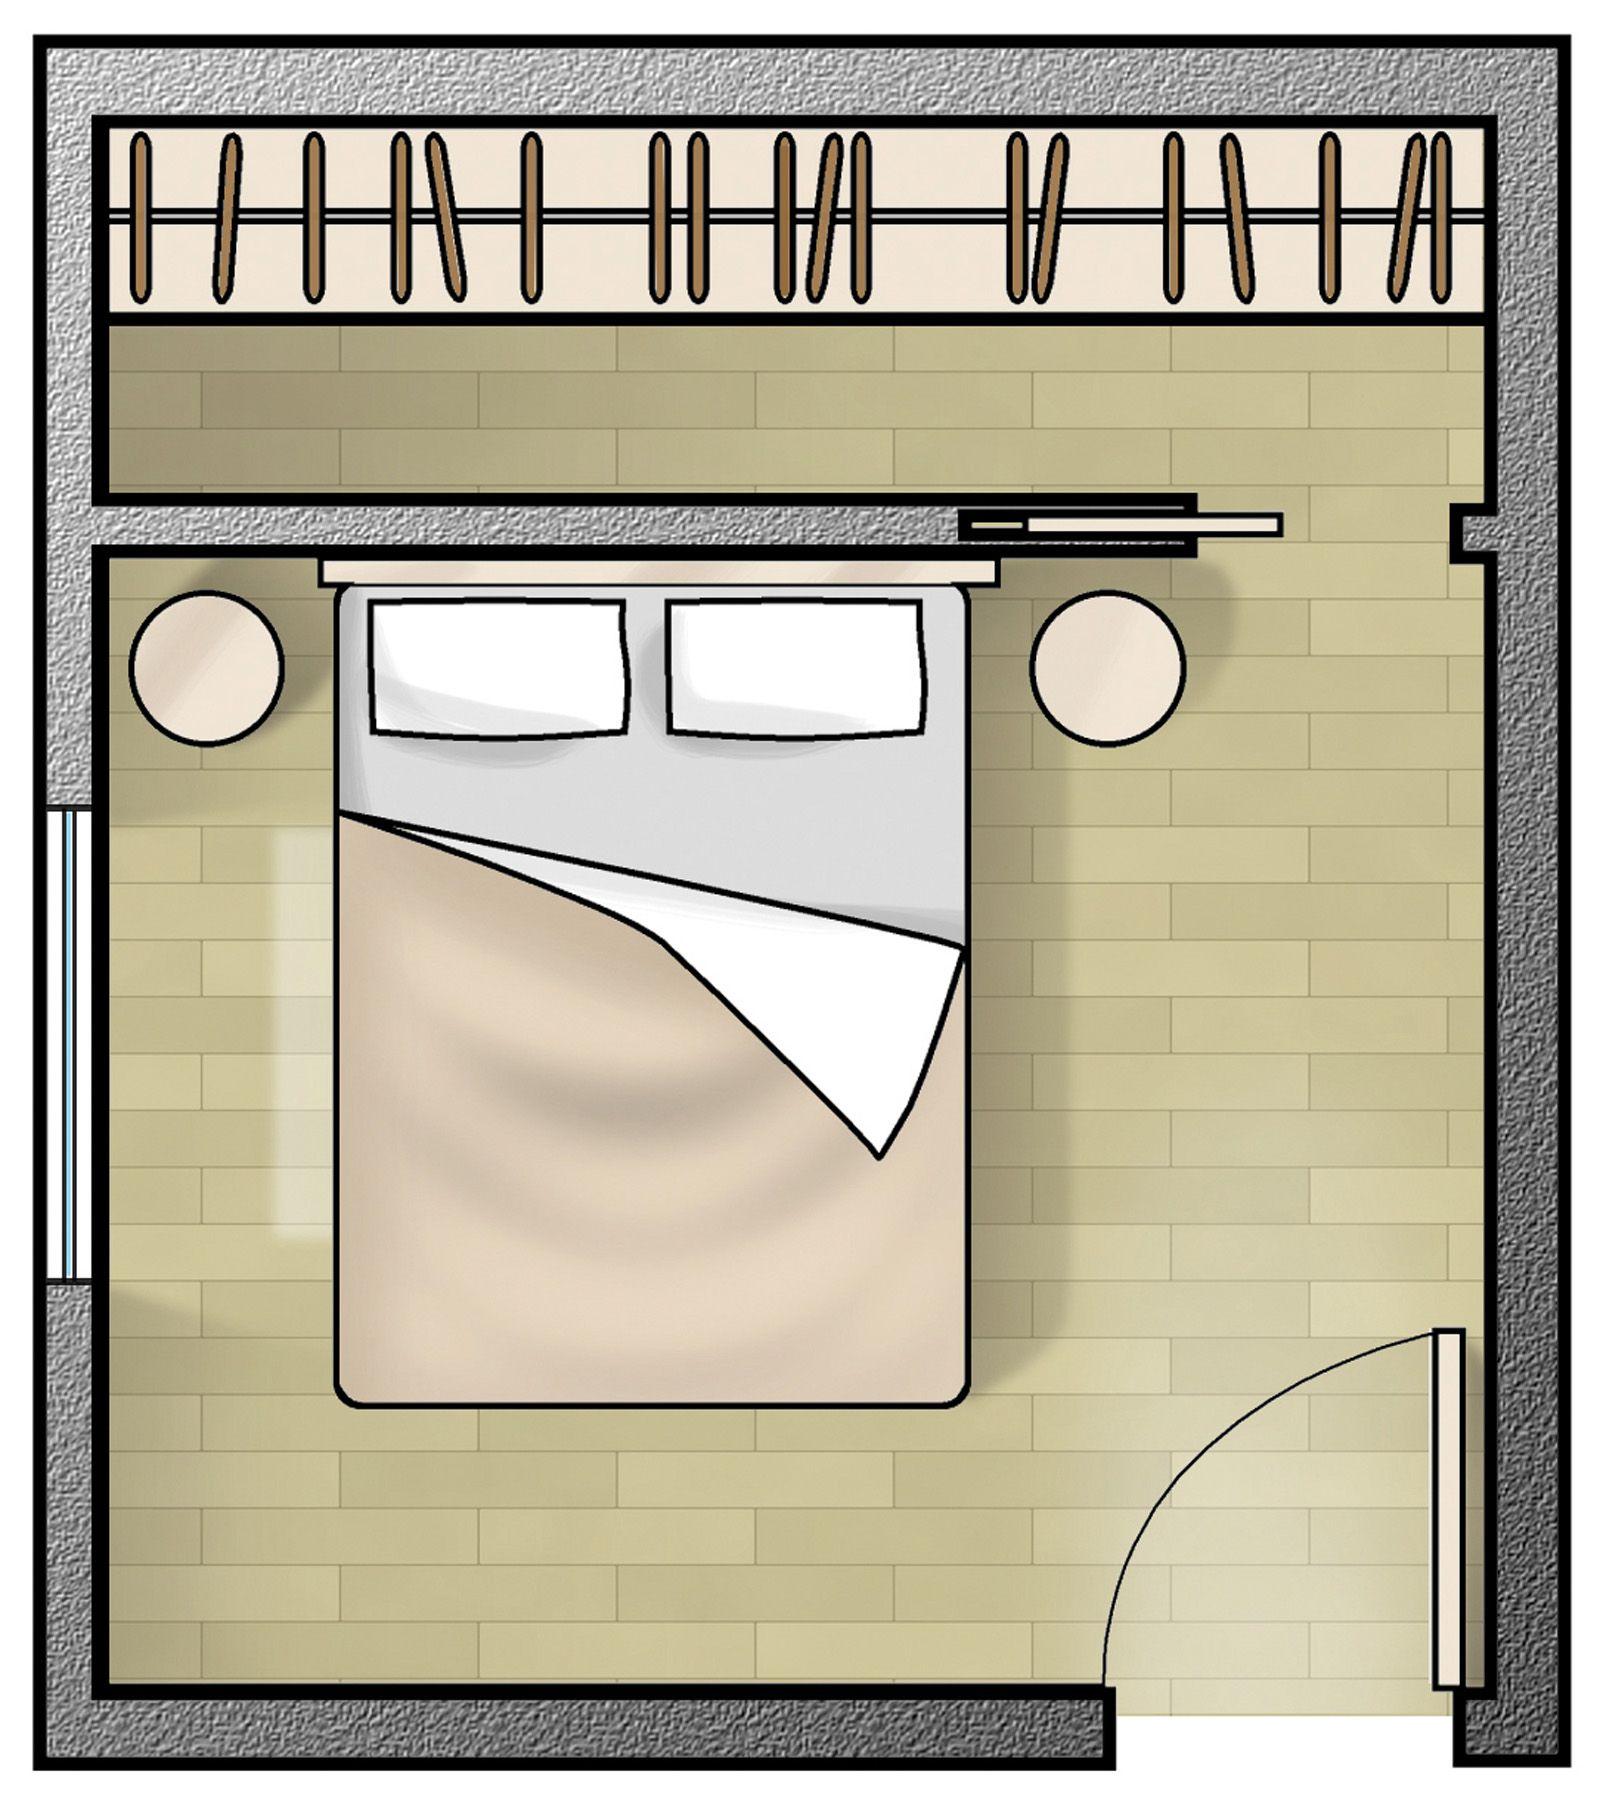 Schlafzimmer & Ankleide | Architektur | Pinterest | Schlafzimmer ...